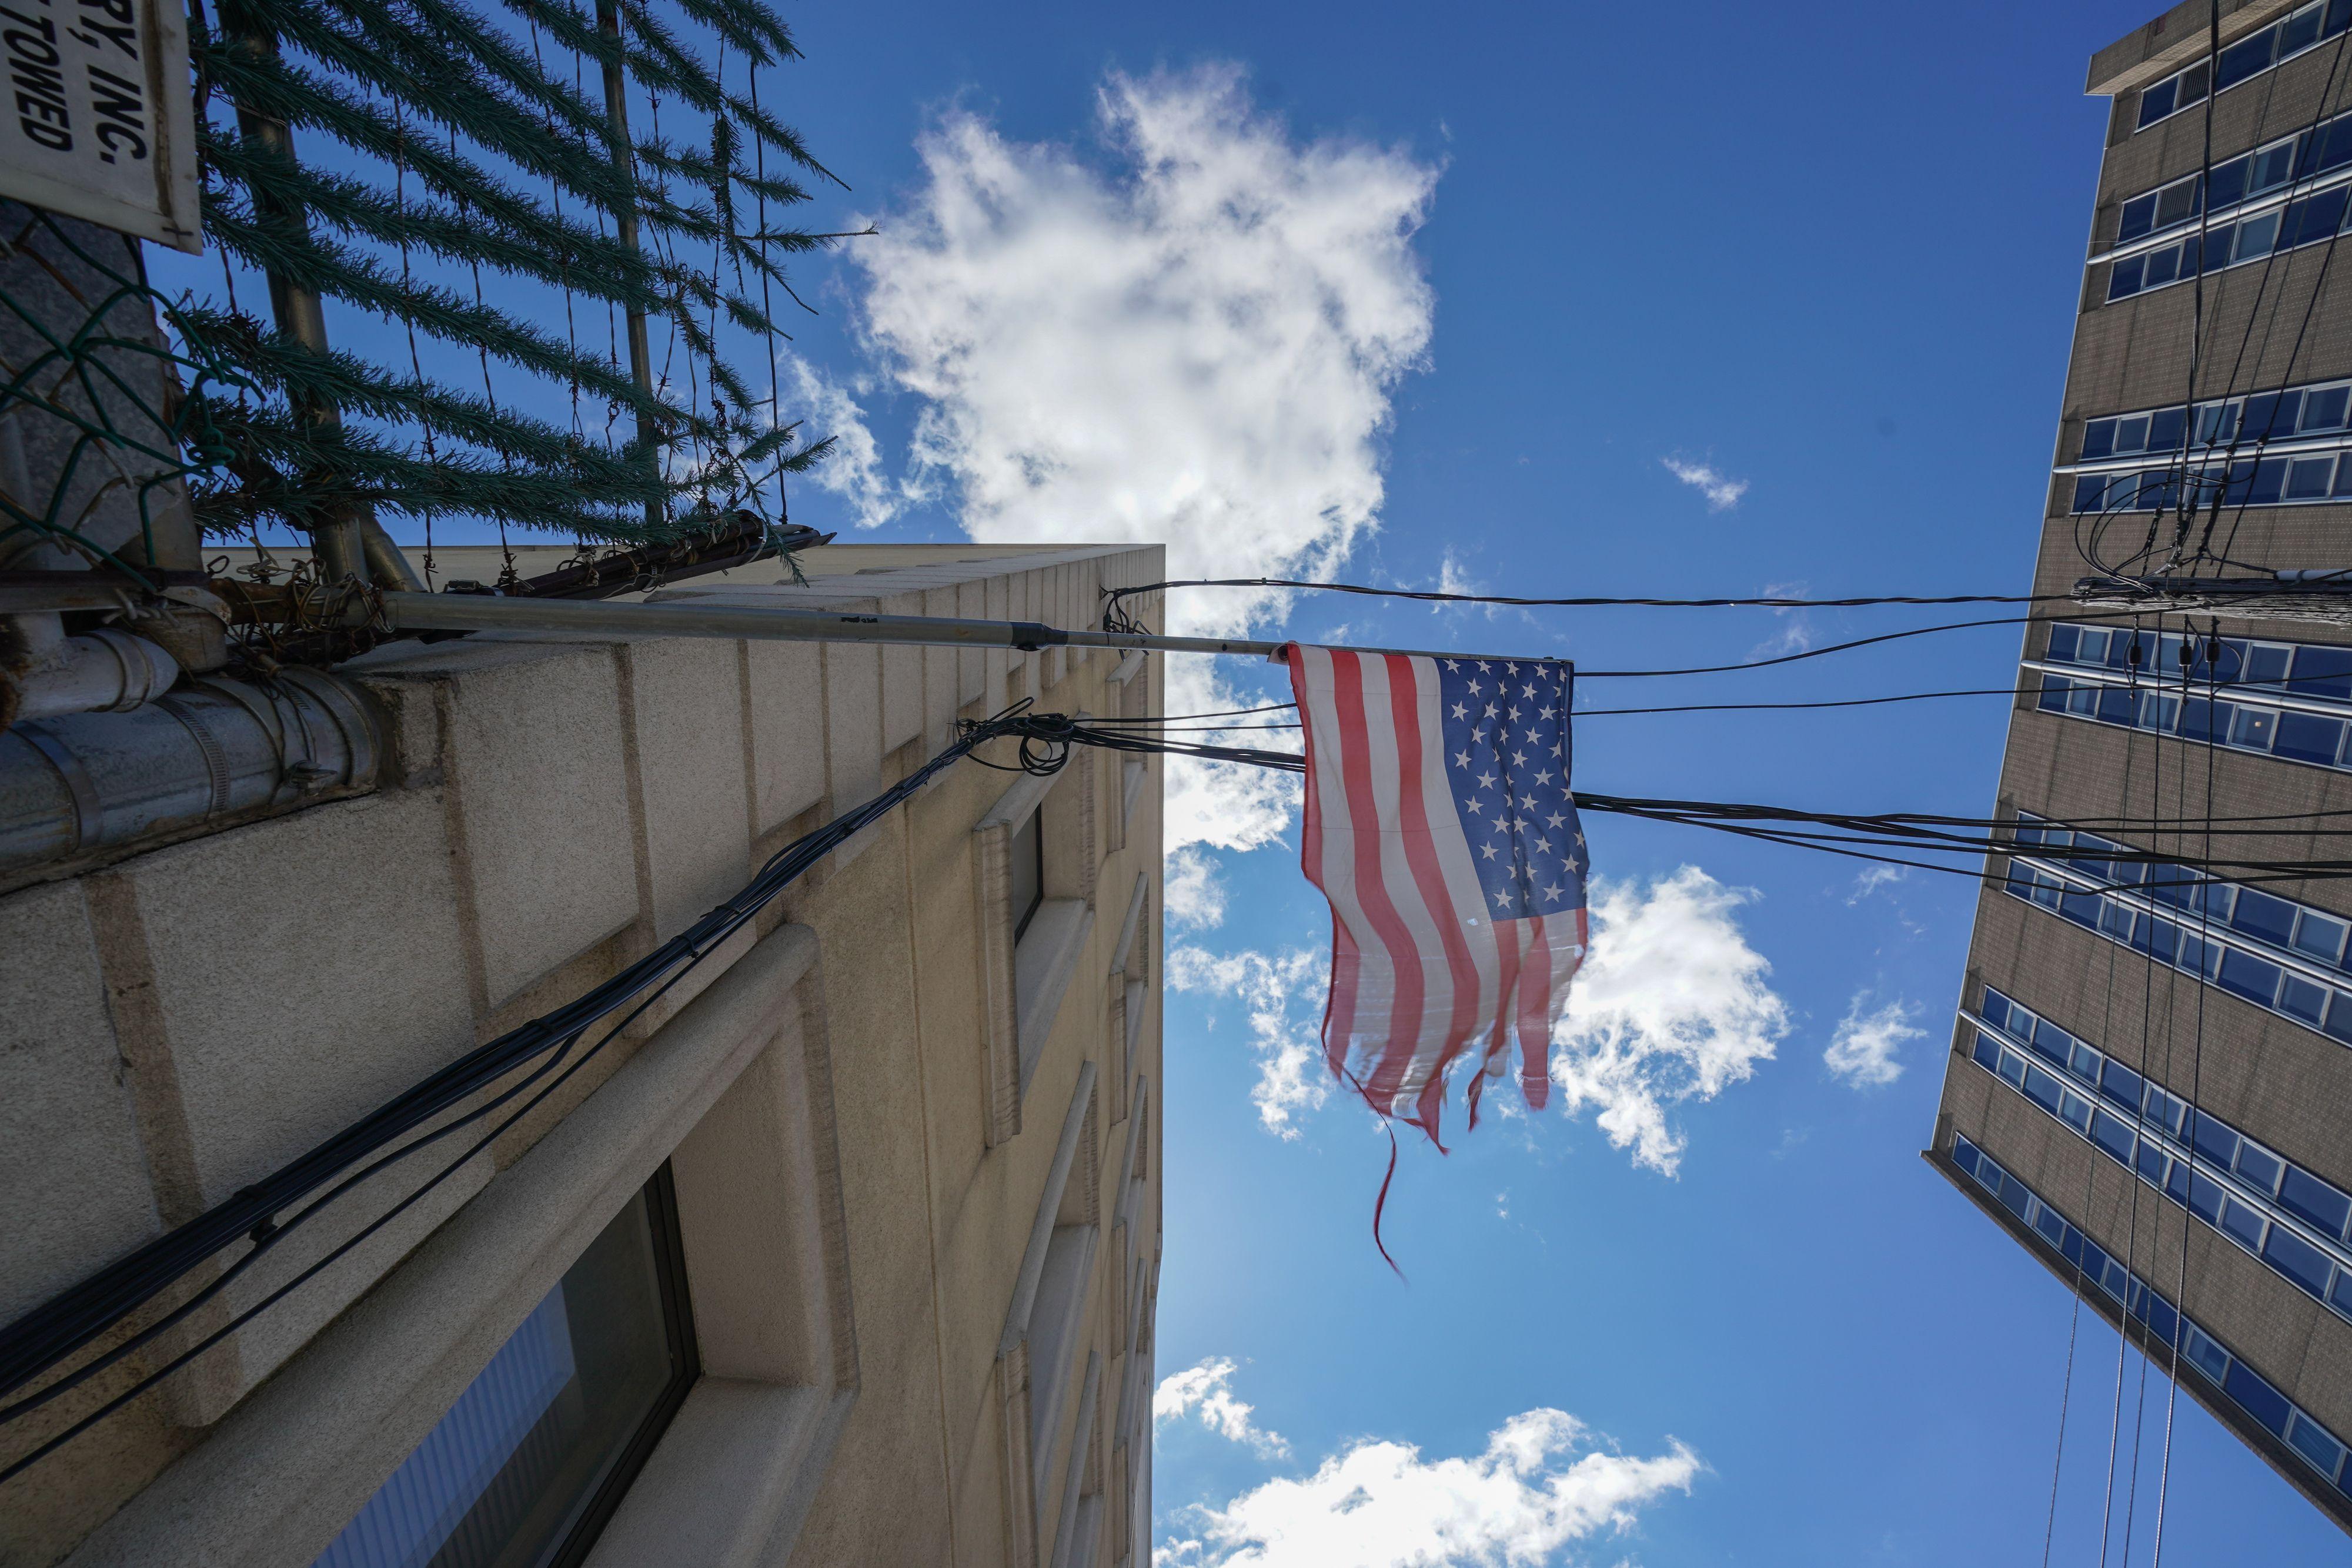 2020年4月4日,紐約布魯克林區威克霍夫醫院的馬路對面懸掛著破爛的美國國旗。